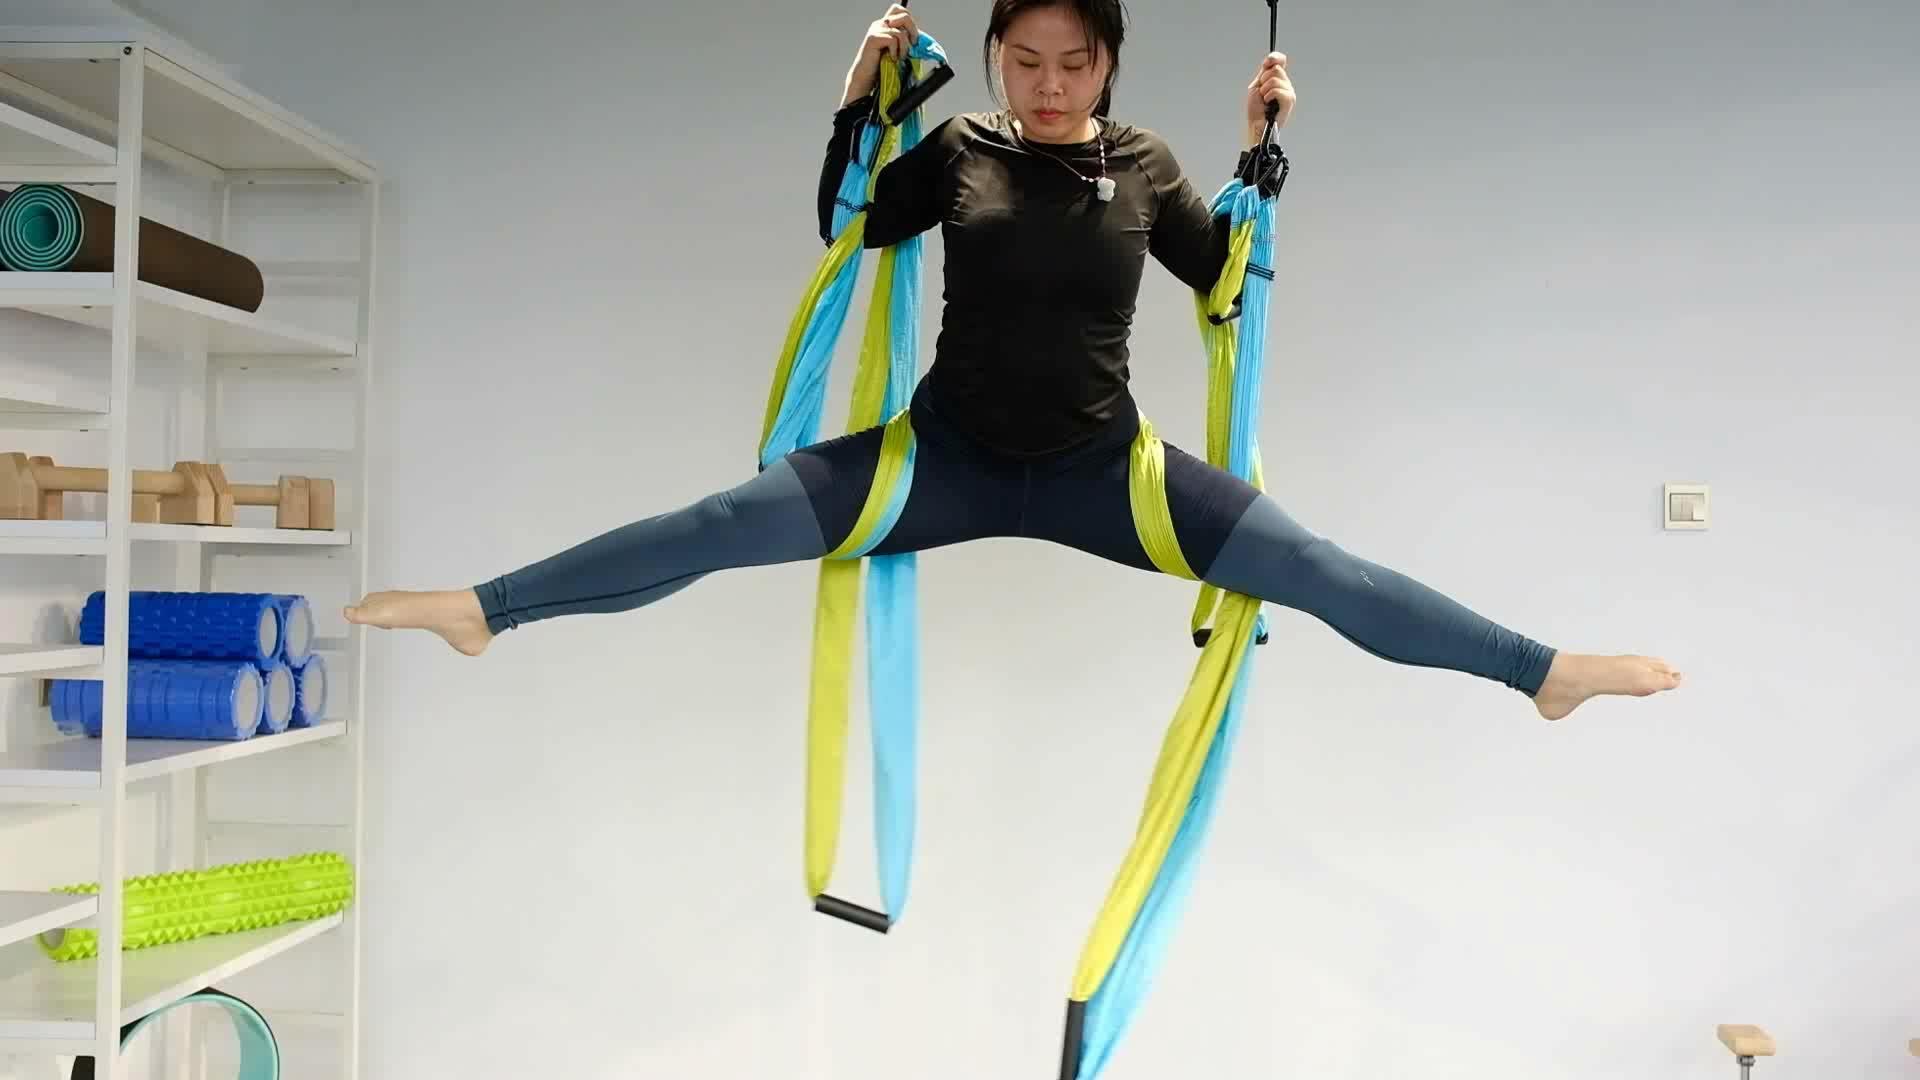 Bunte Fallschirm Fliegen Luft Anti-schwerkraft Yoga Hängematte